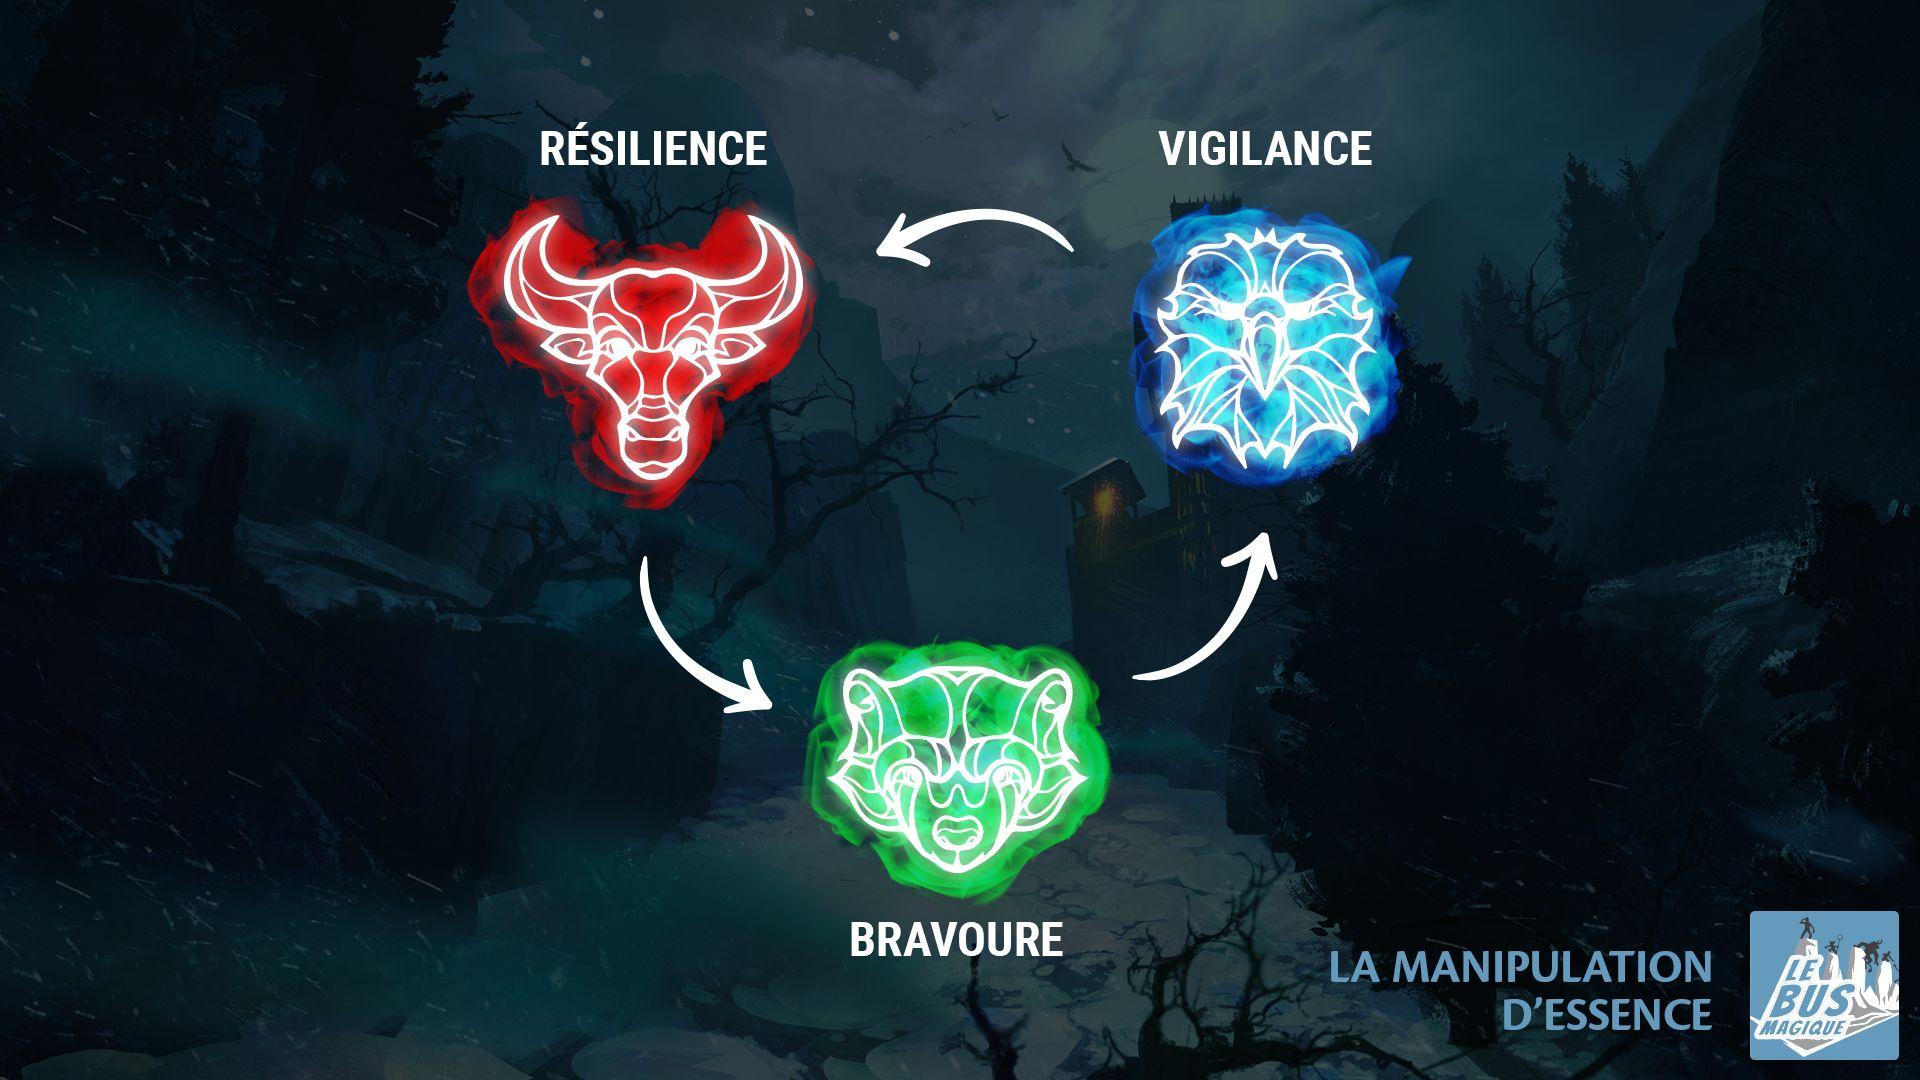 Bravoure vigilence resilience